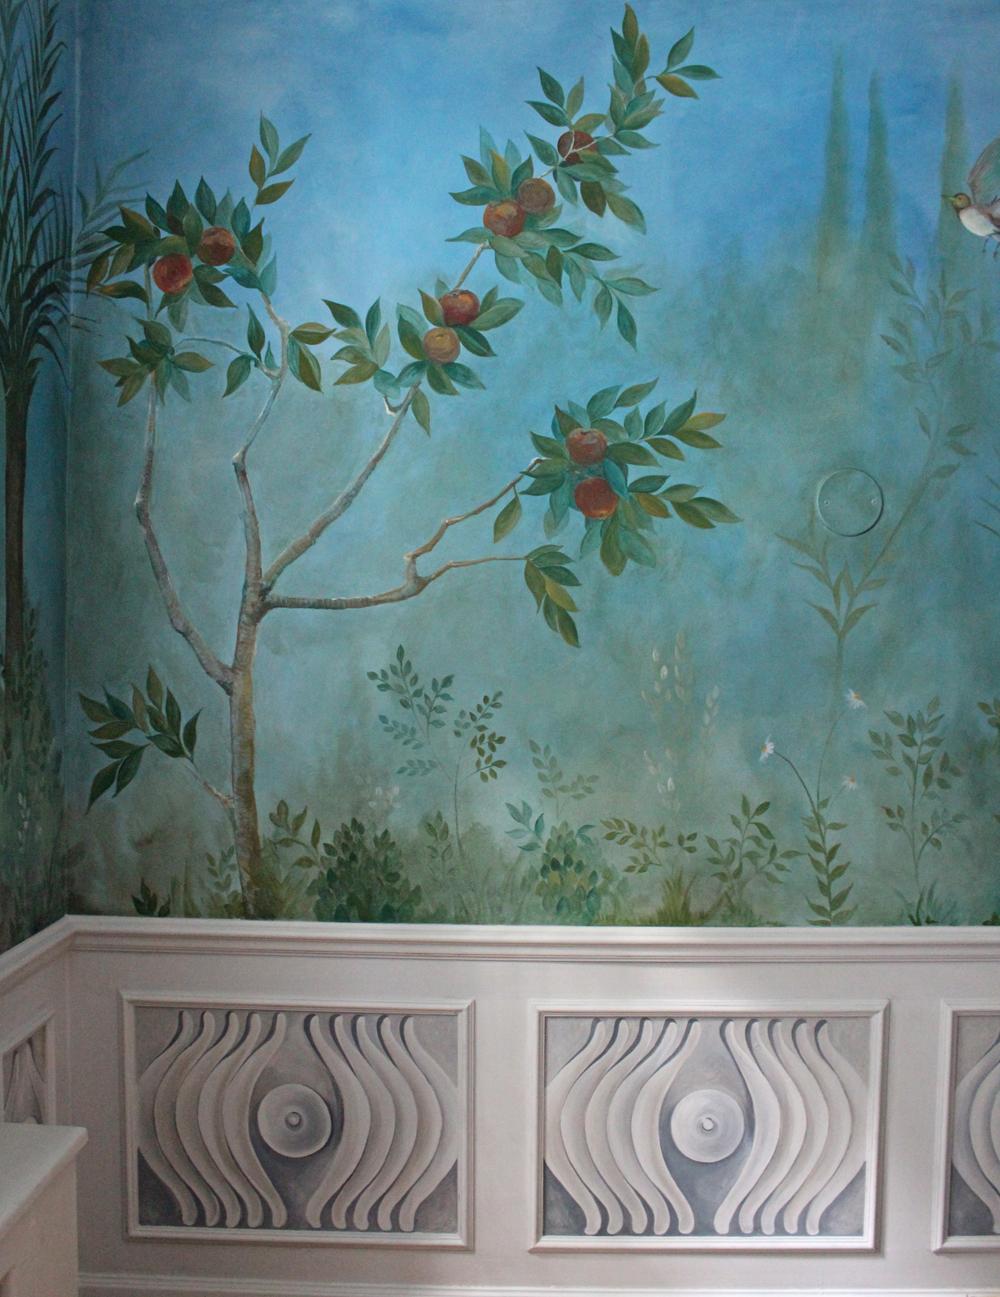 Tromp l'oeil Panel in situ